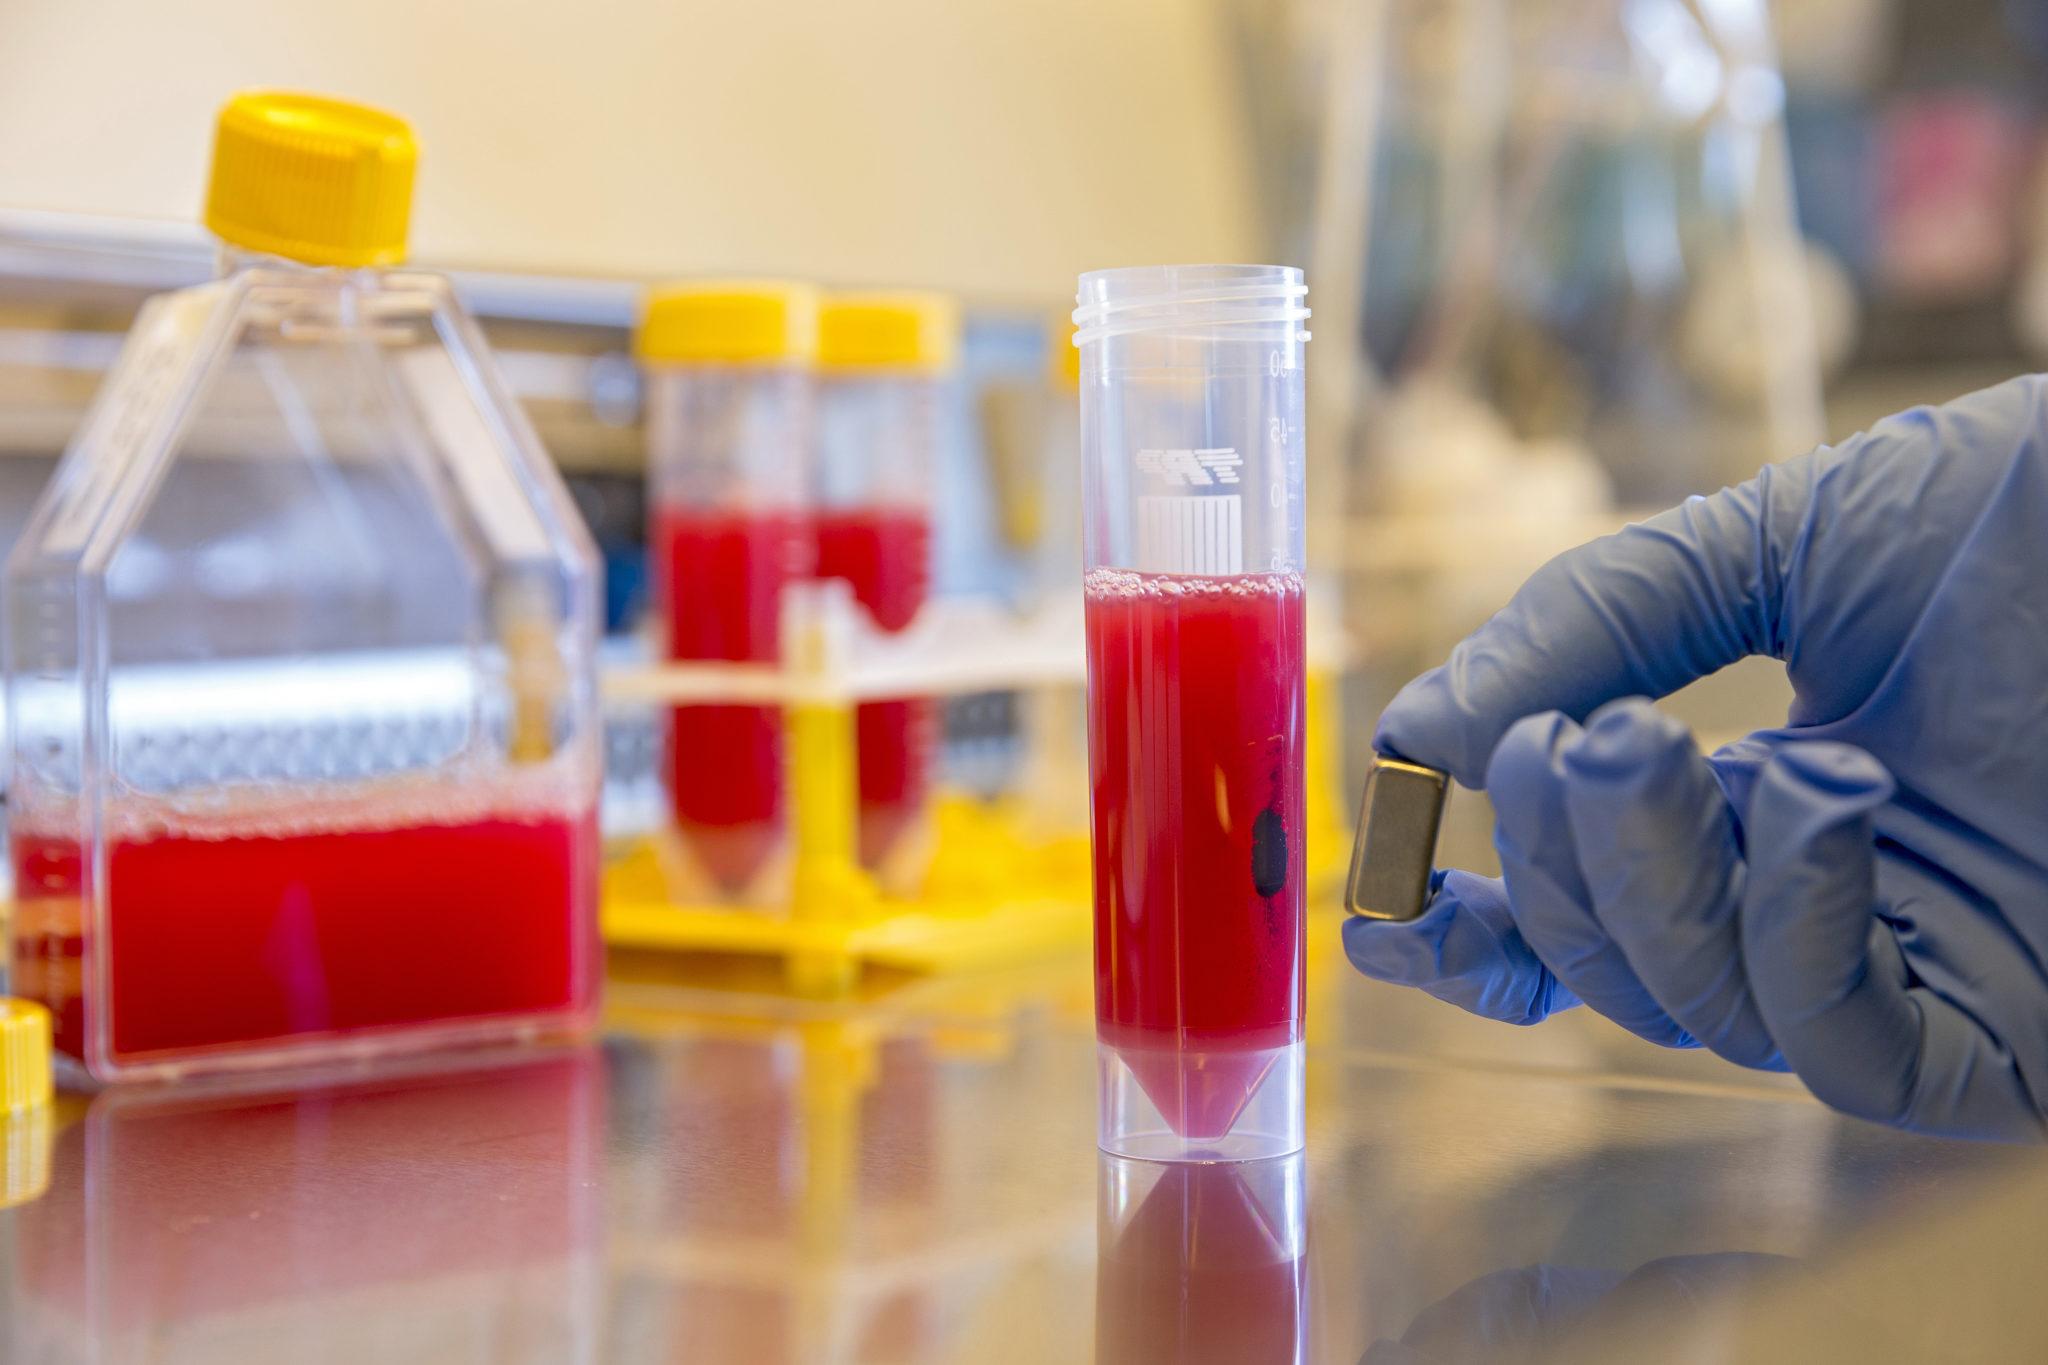 Nanomagnete im Labortest – die Teilchen fischen Giftstoffe aus einer verdünnten Blutprobe.